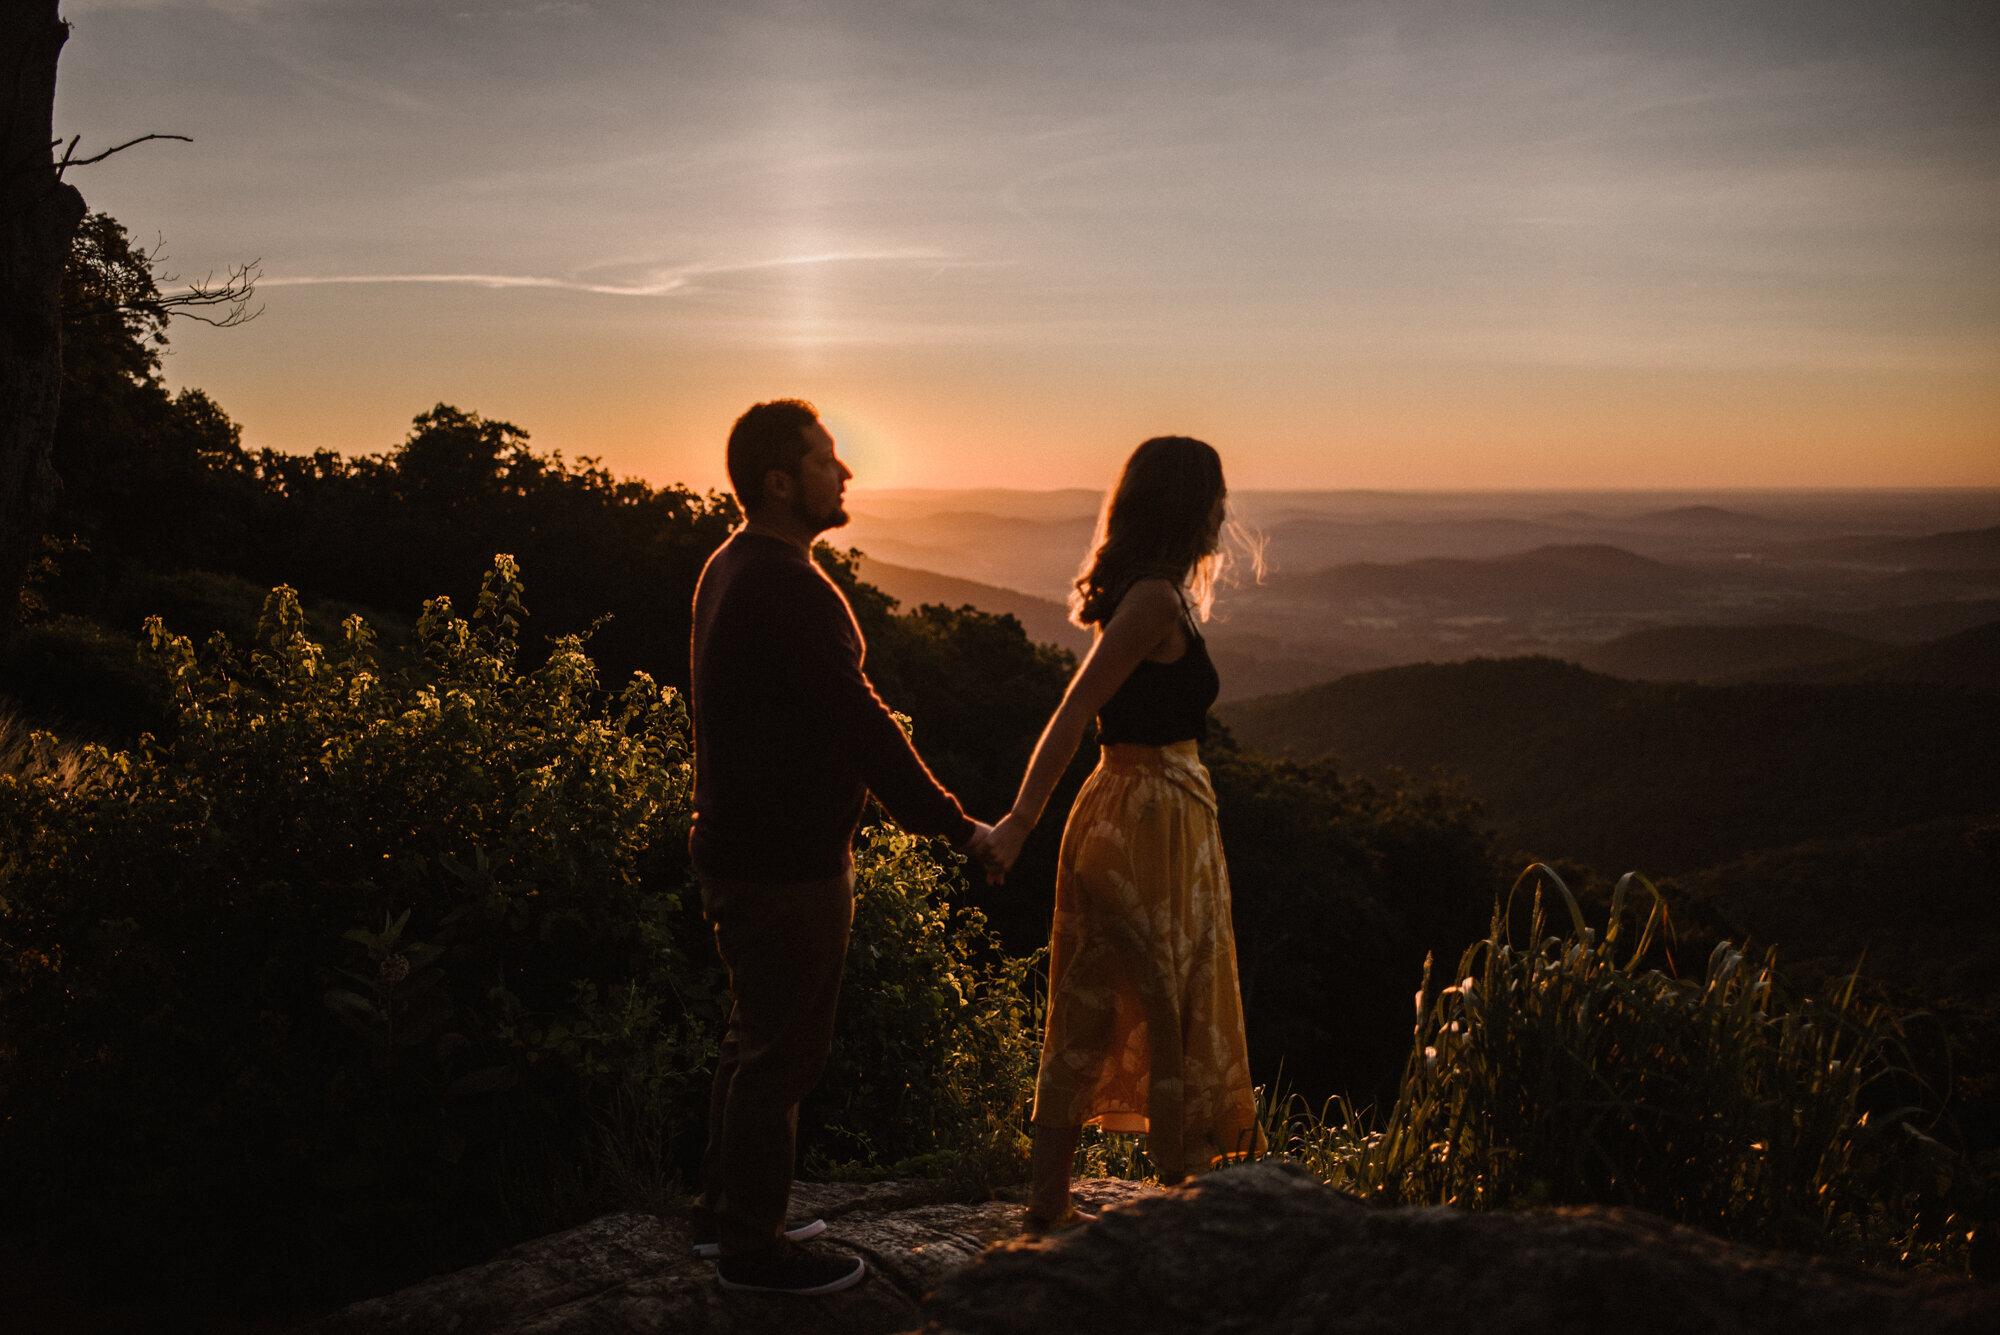 Shenandoah National Park Engagement Session - Sunrise Mountain Couple Photo Shoot - Blue Ridge Mountain Photo Shoot - Shenandoah National Park Photographer - White Sails Creative _10.jpg